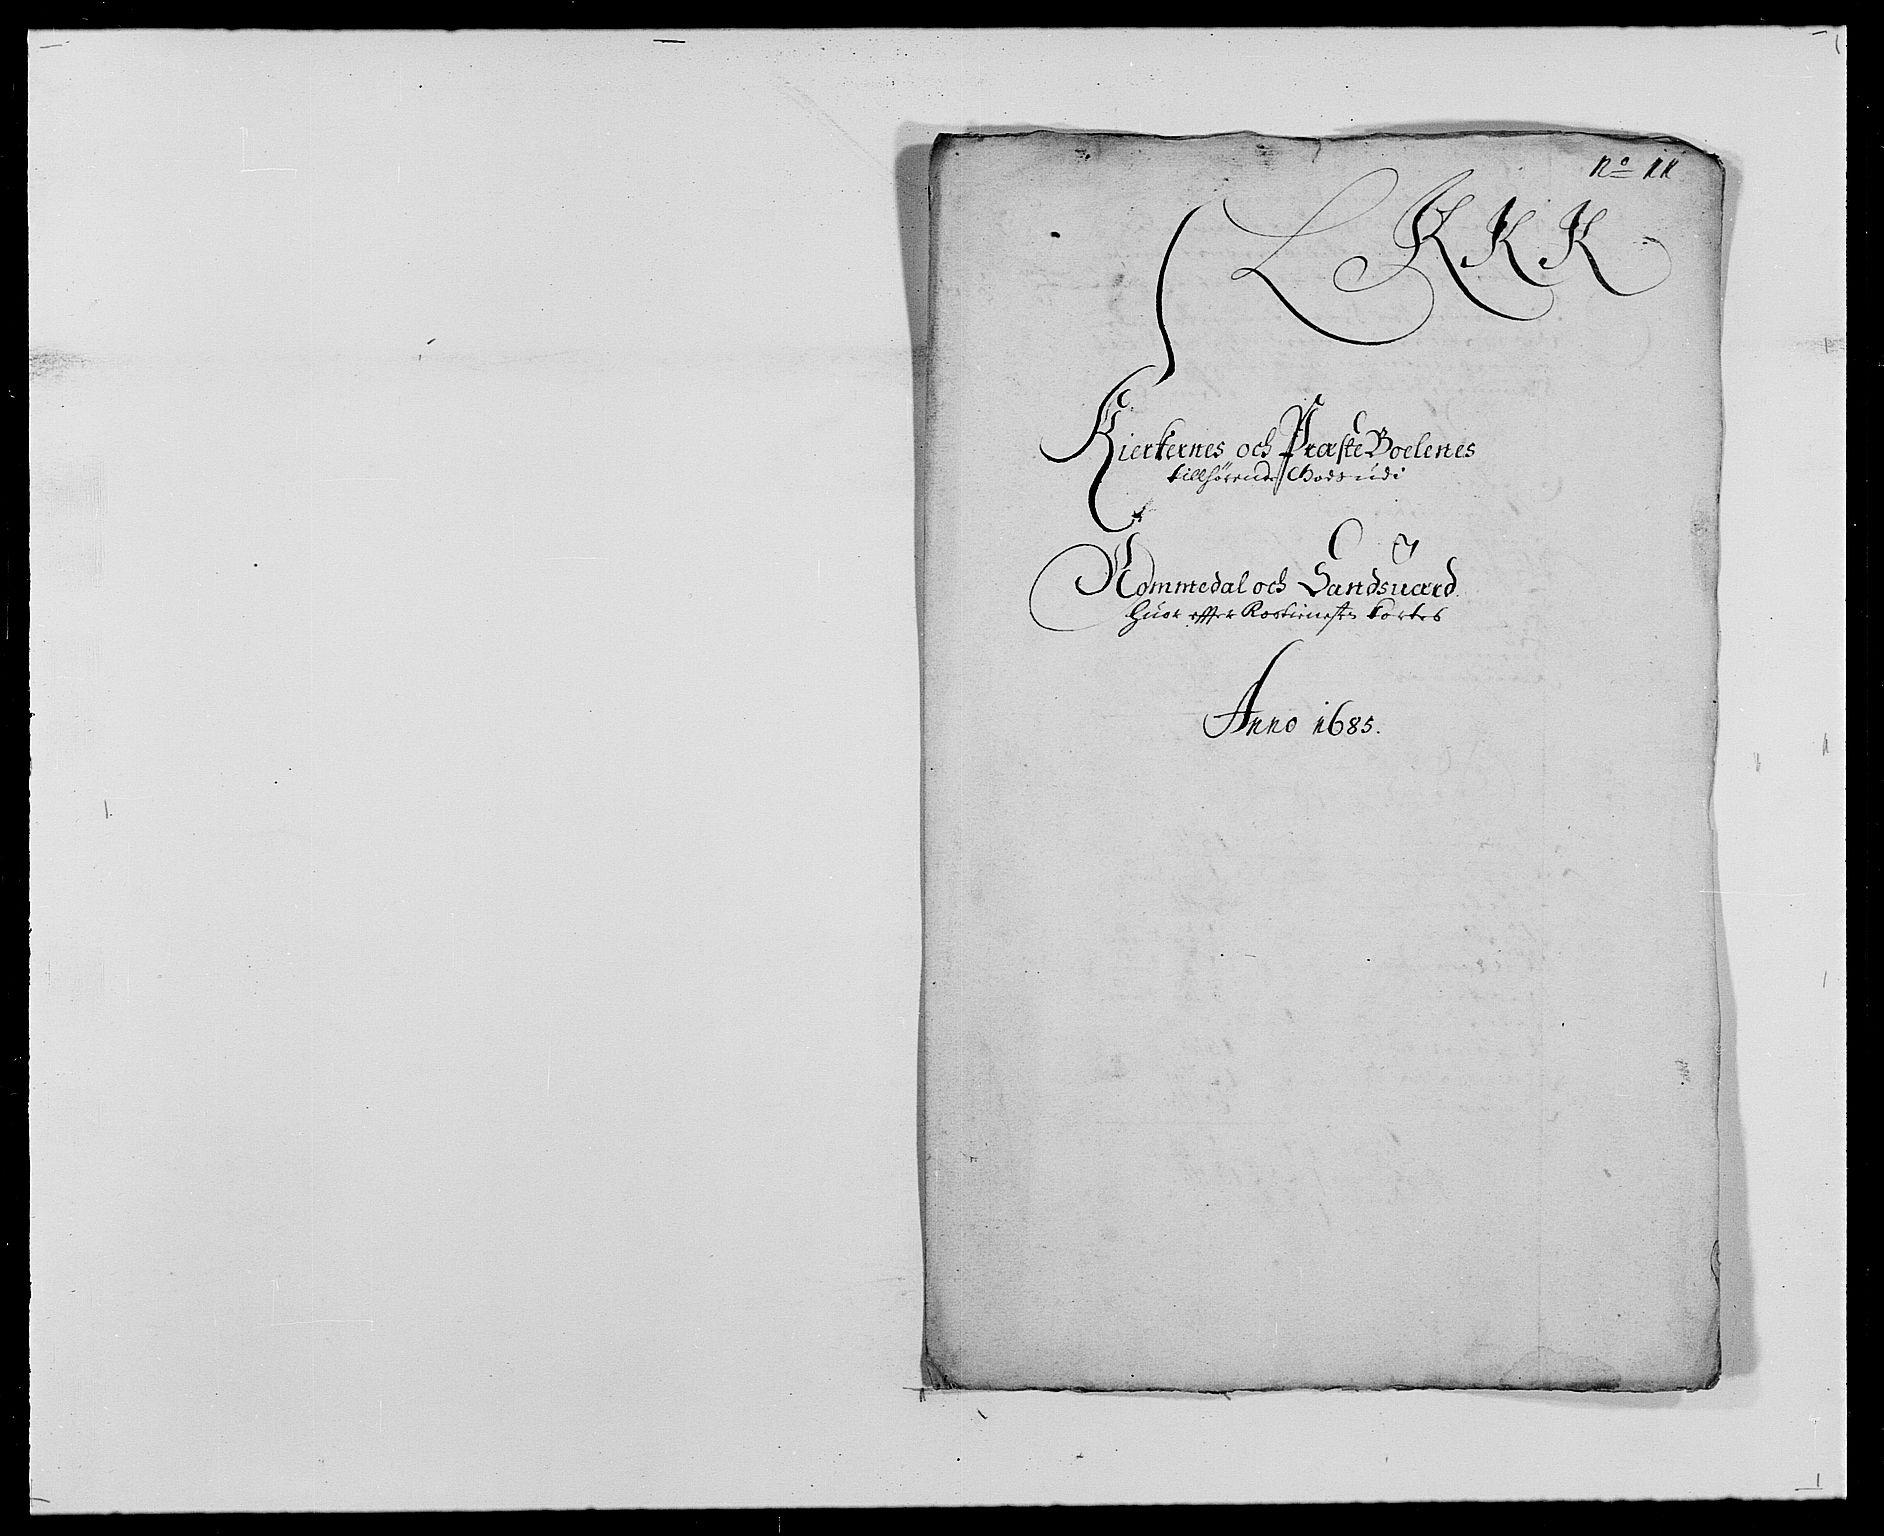 RA, Rentekammeret inntil 1814, Reviderte regnskaper, Fogderegnskap, R24/L1571: Fogderegnskap Numedal og Sandsvær, 1679-1686, s. 418